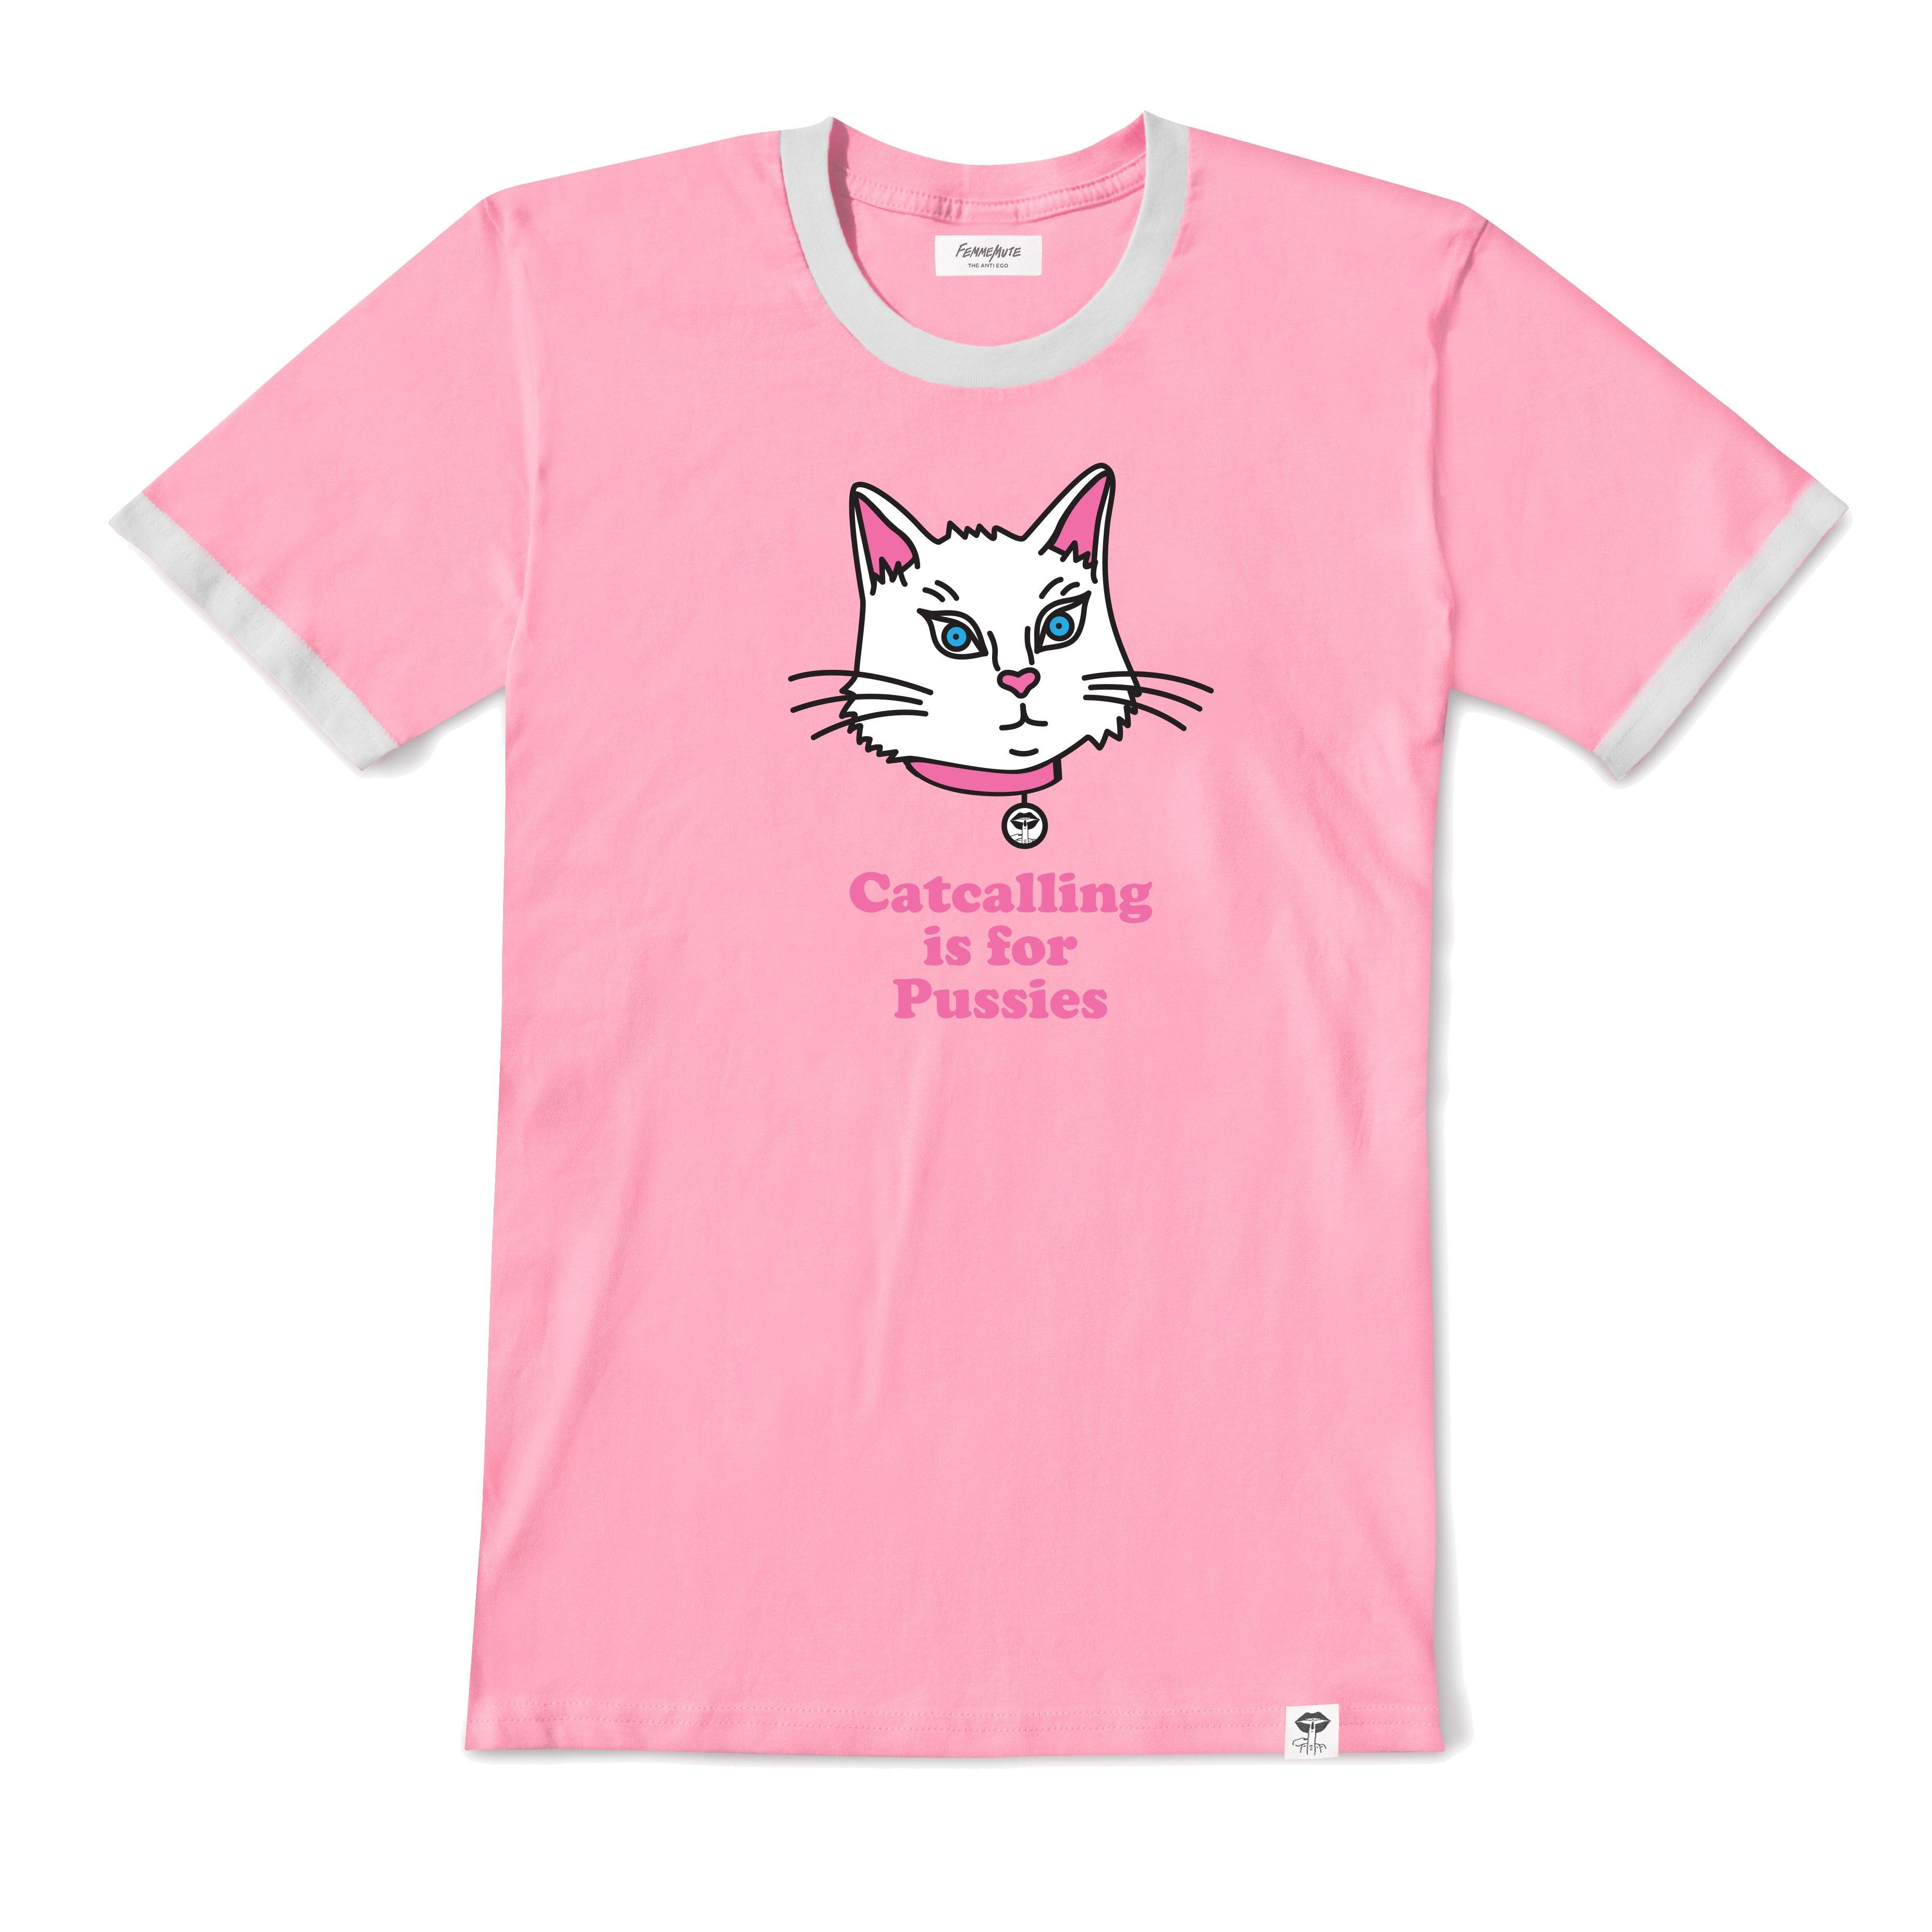 FM_Catcalling_Shirt